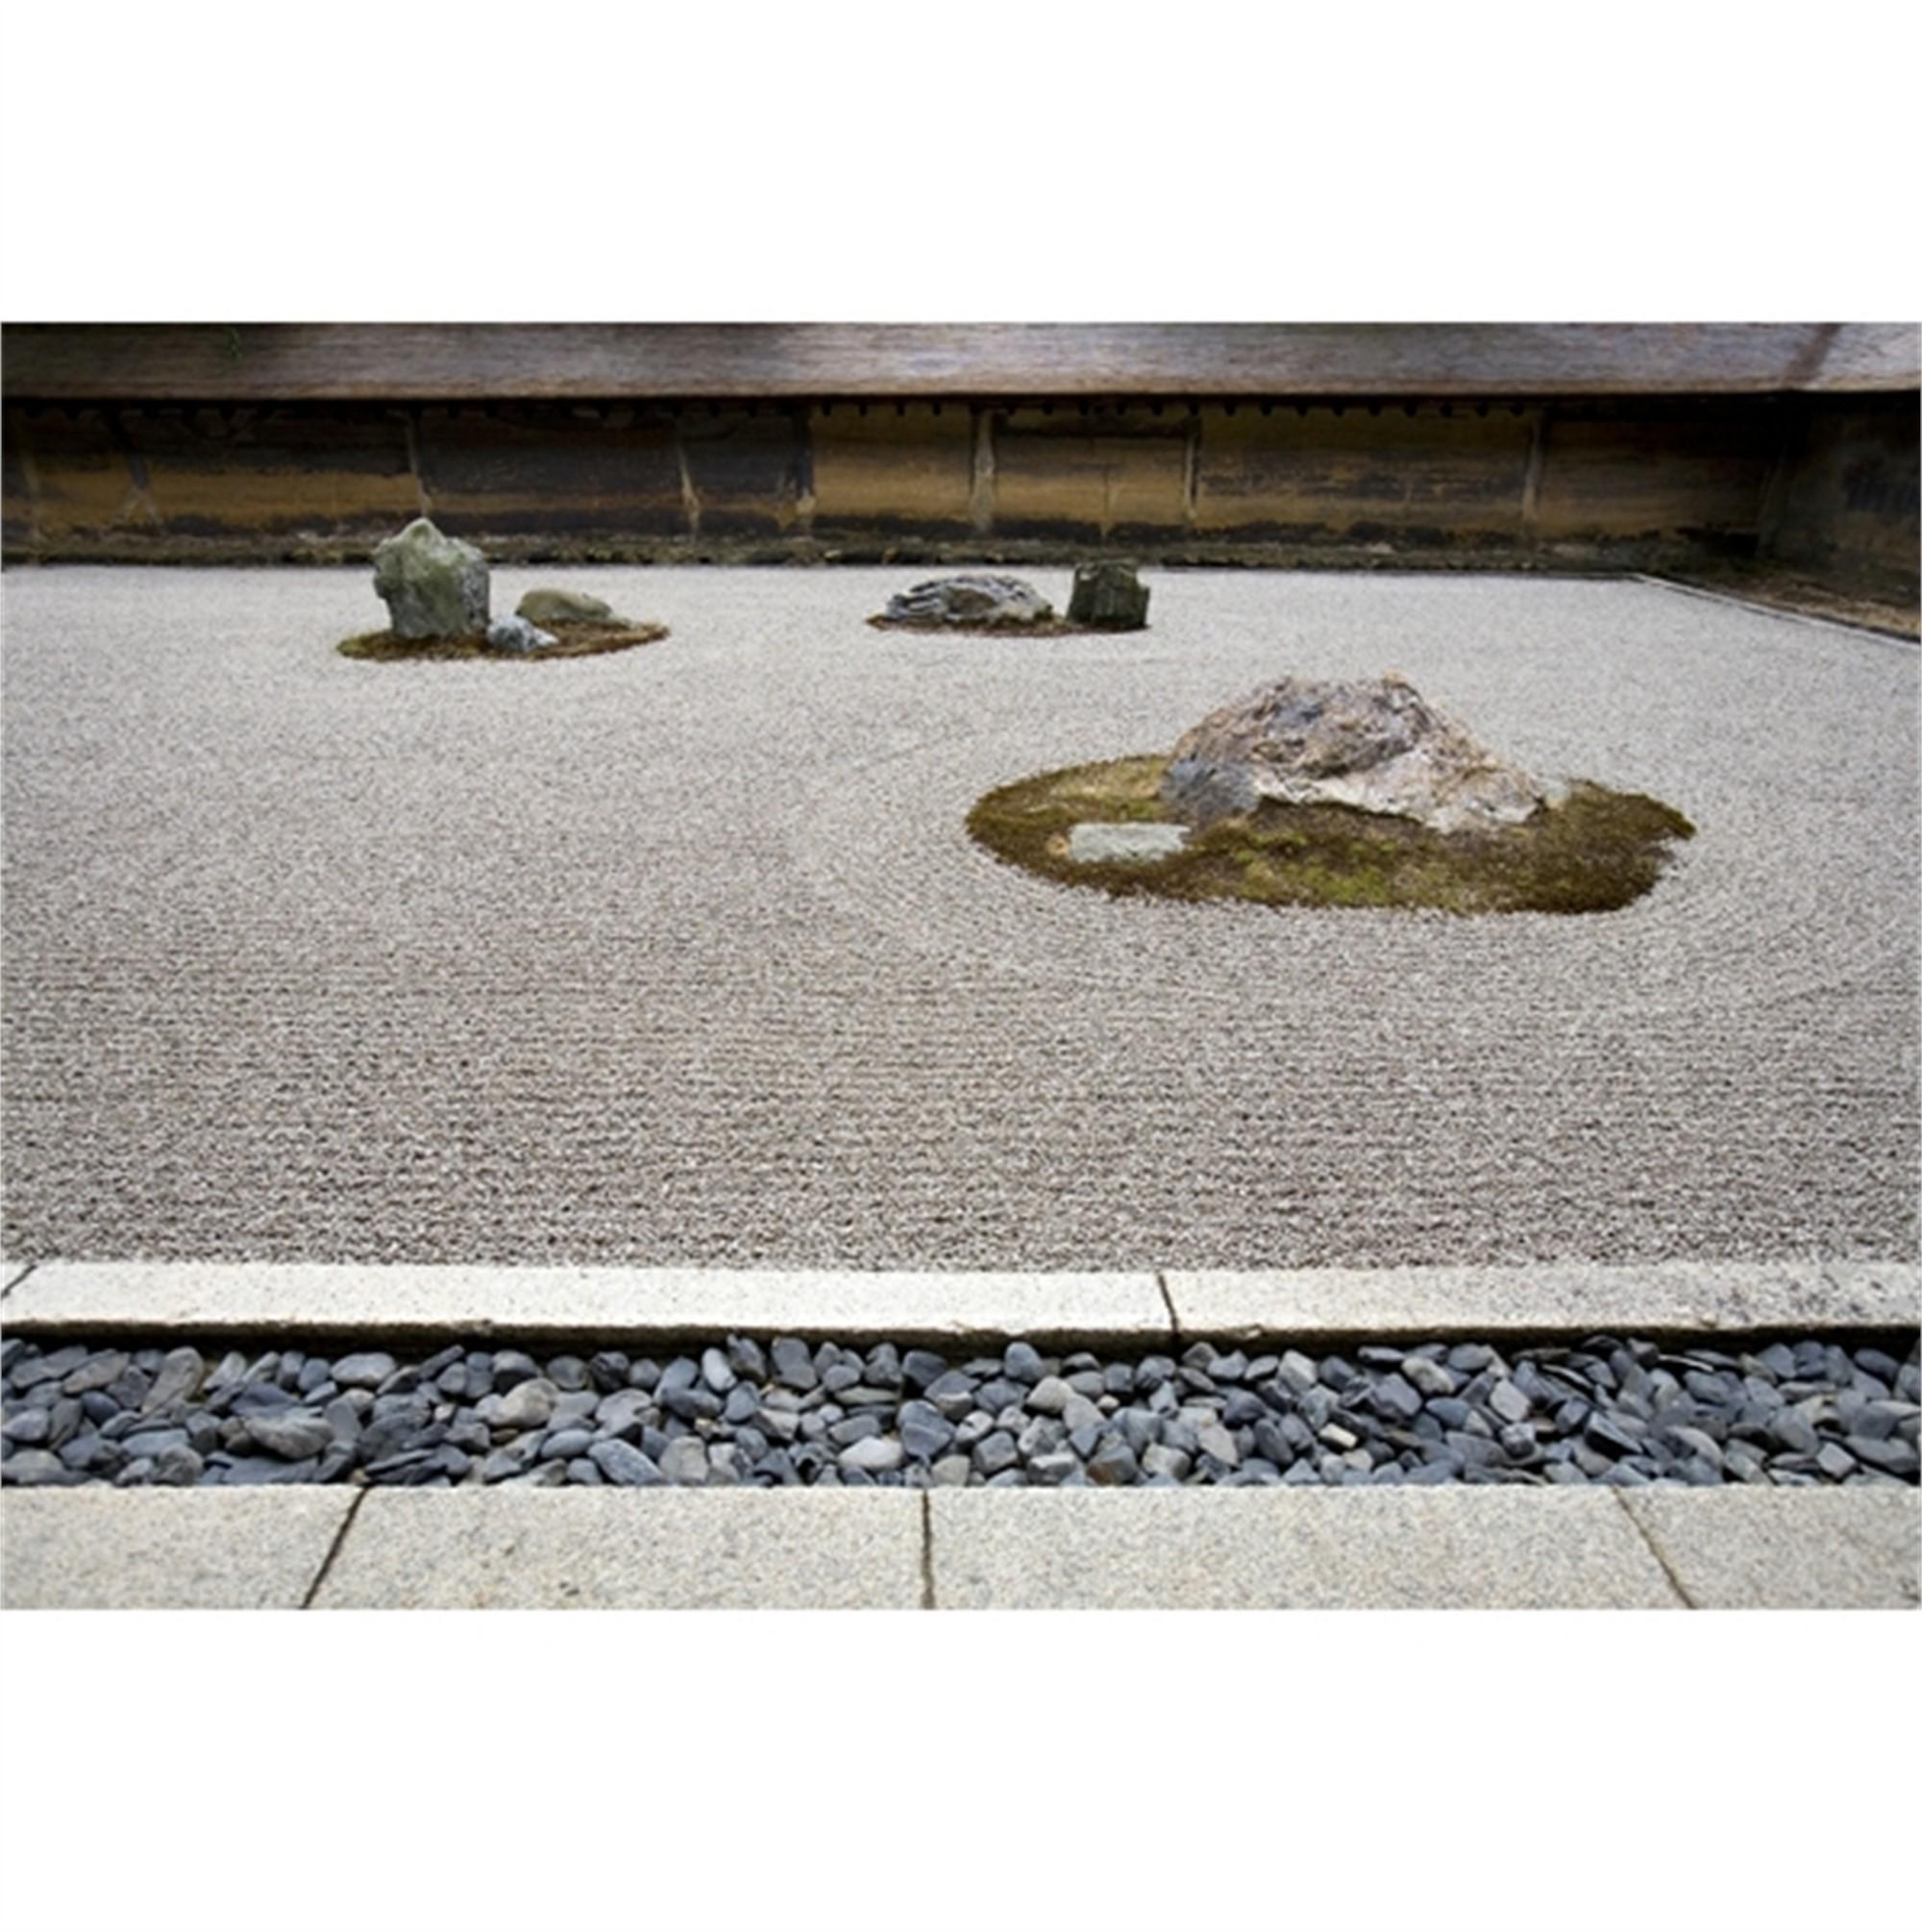 Zen Garden. Ryoan-ji Temple. Kyoto, Japan by Cora Edmonds